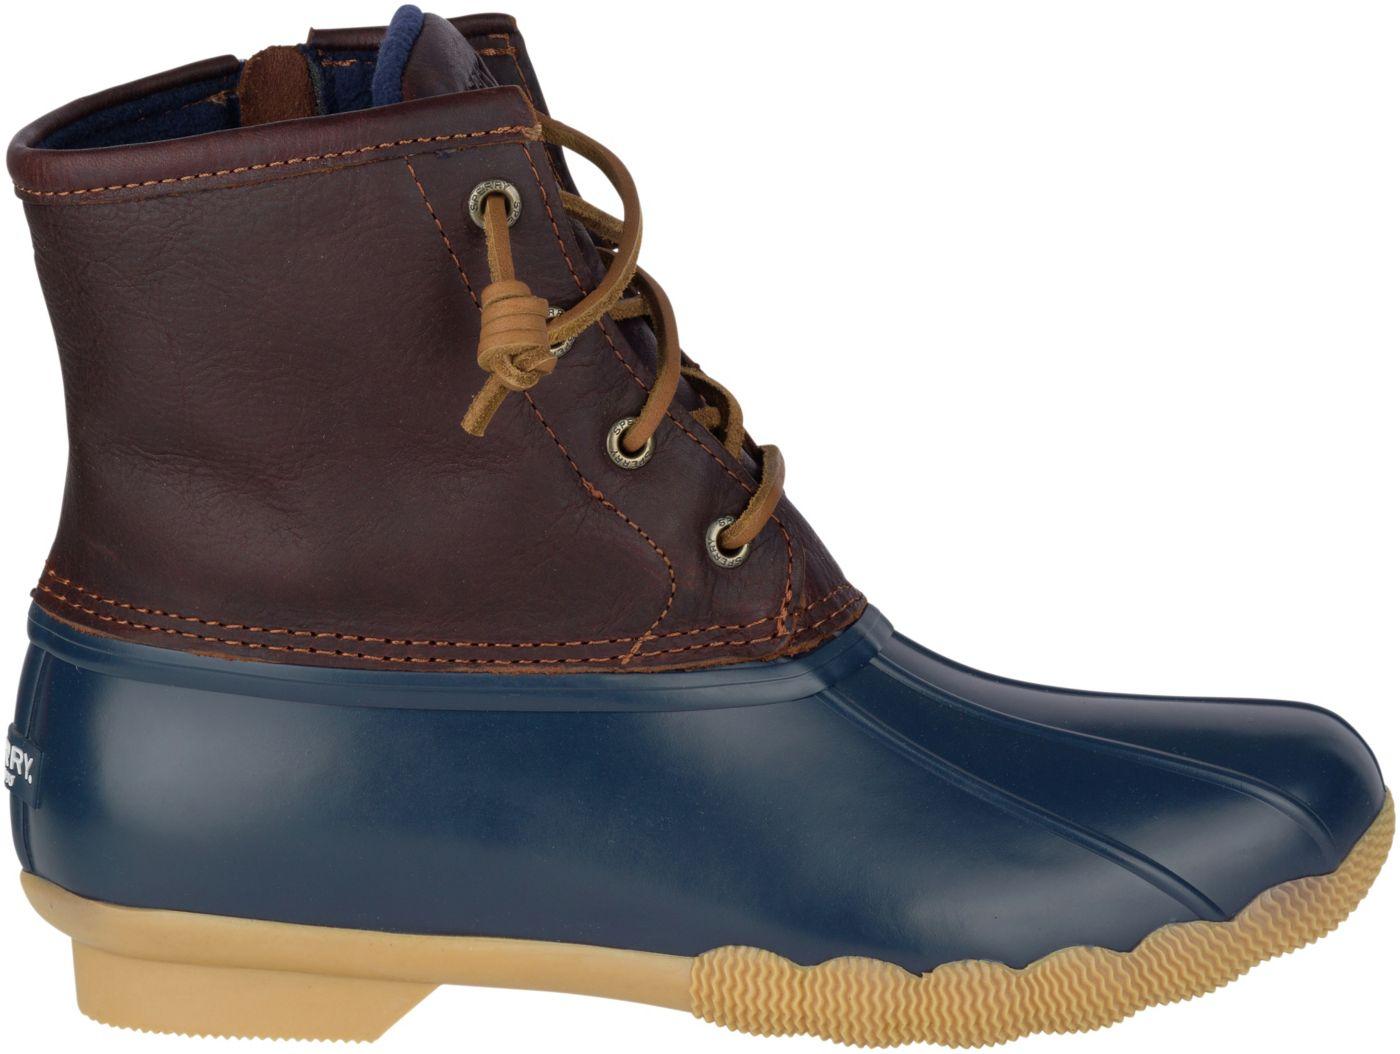 Sperry Top-Sider Women's Saltwater Waterproof Duck Boots